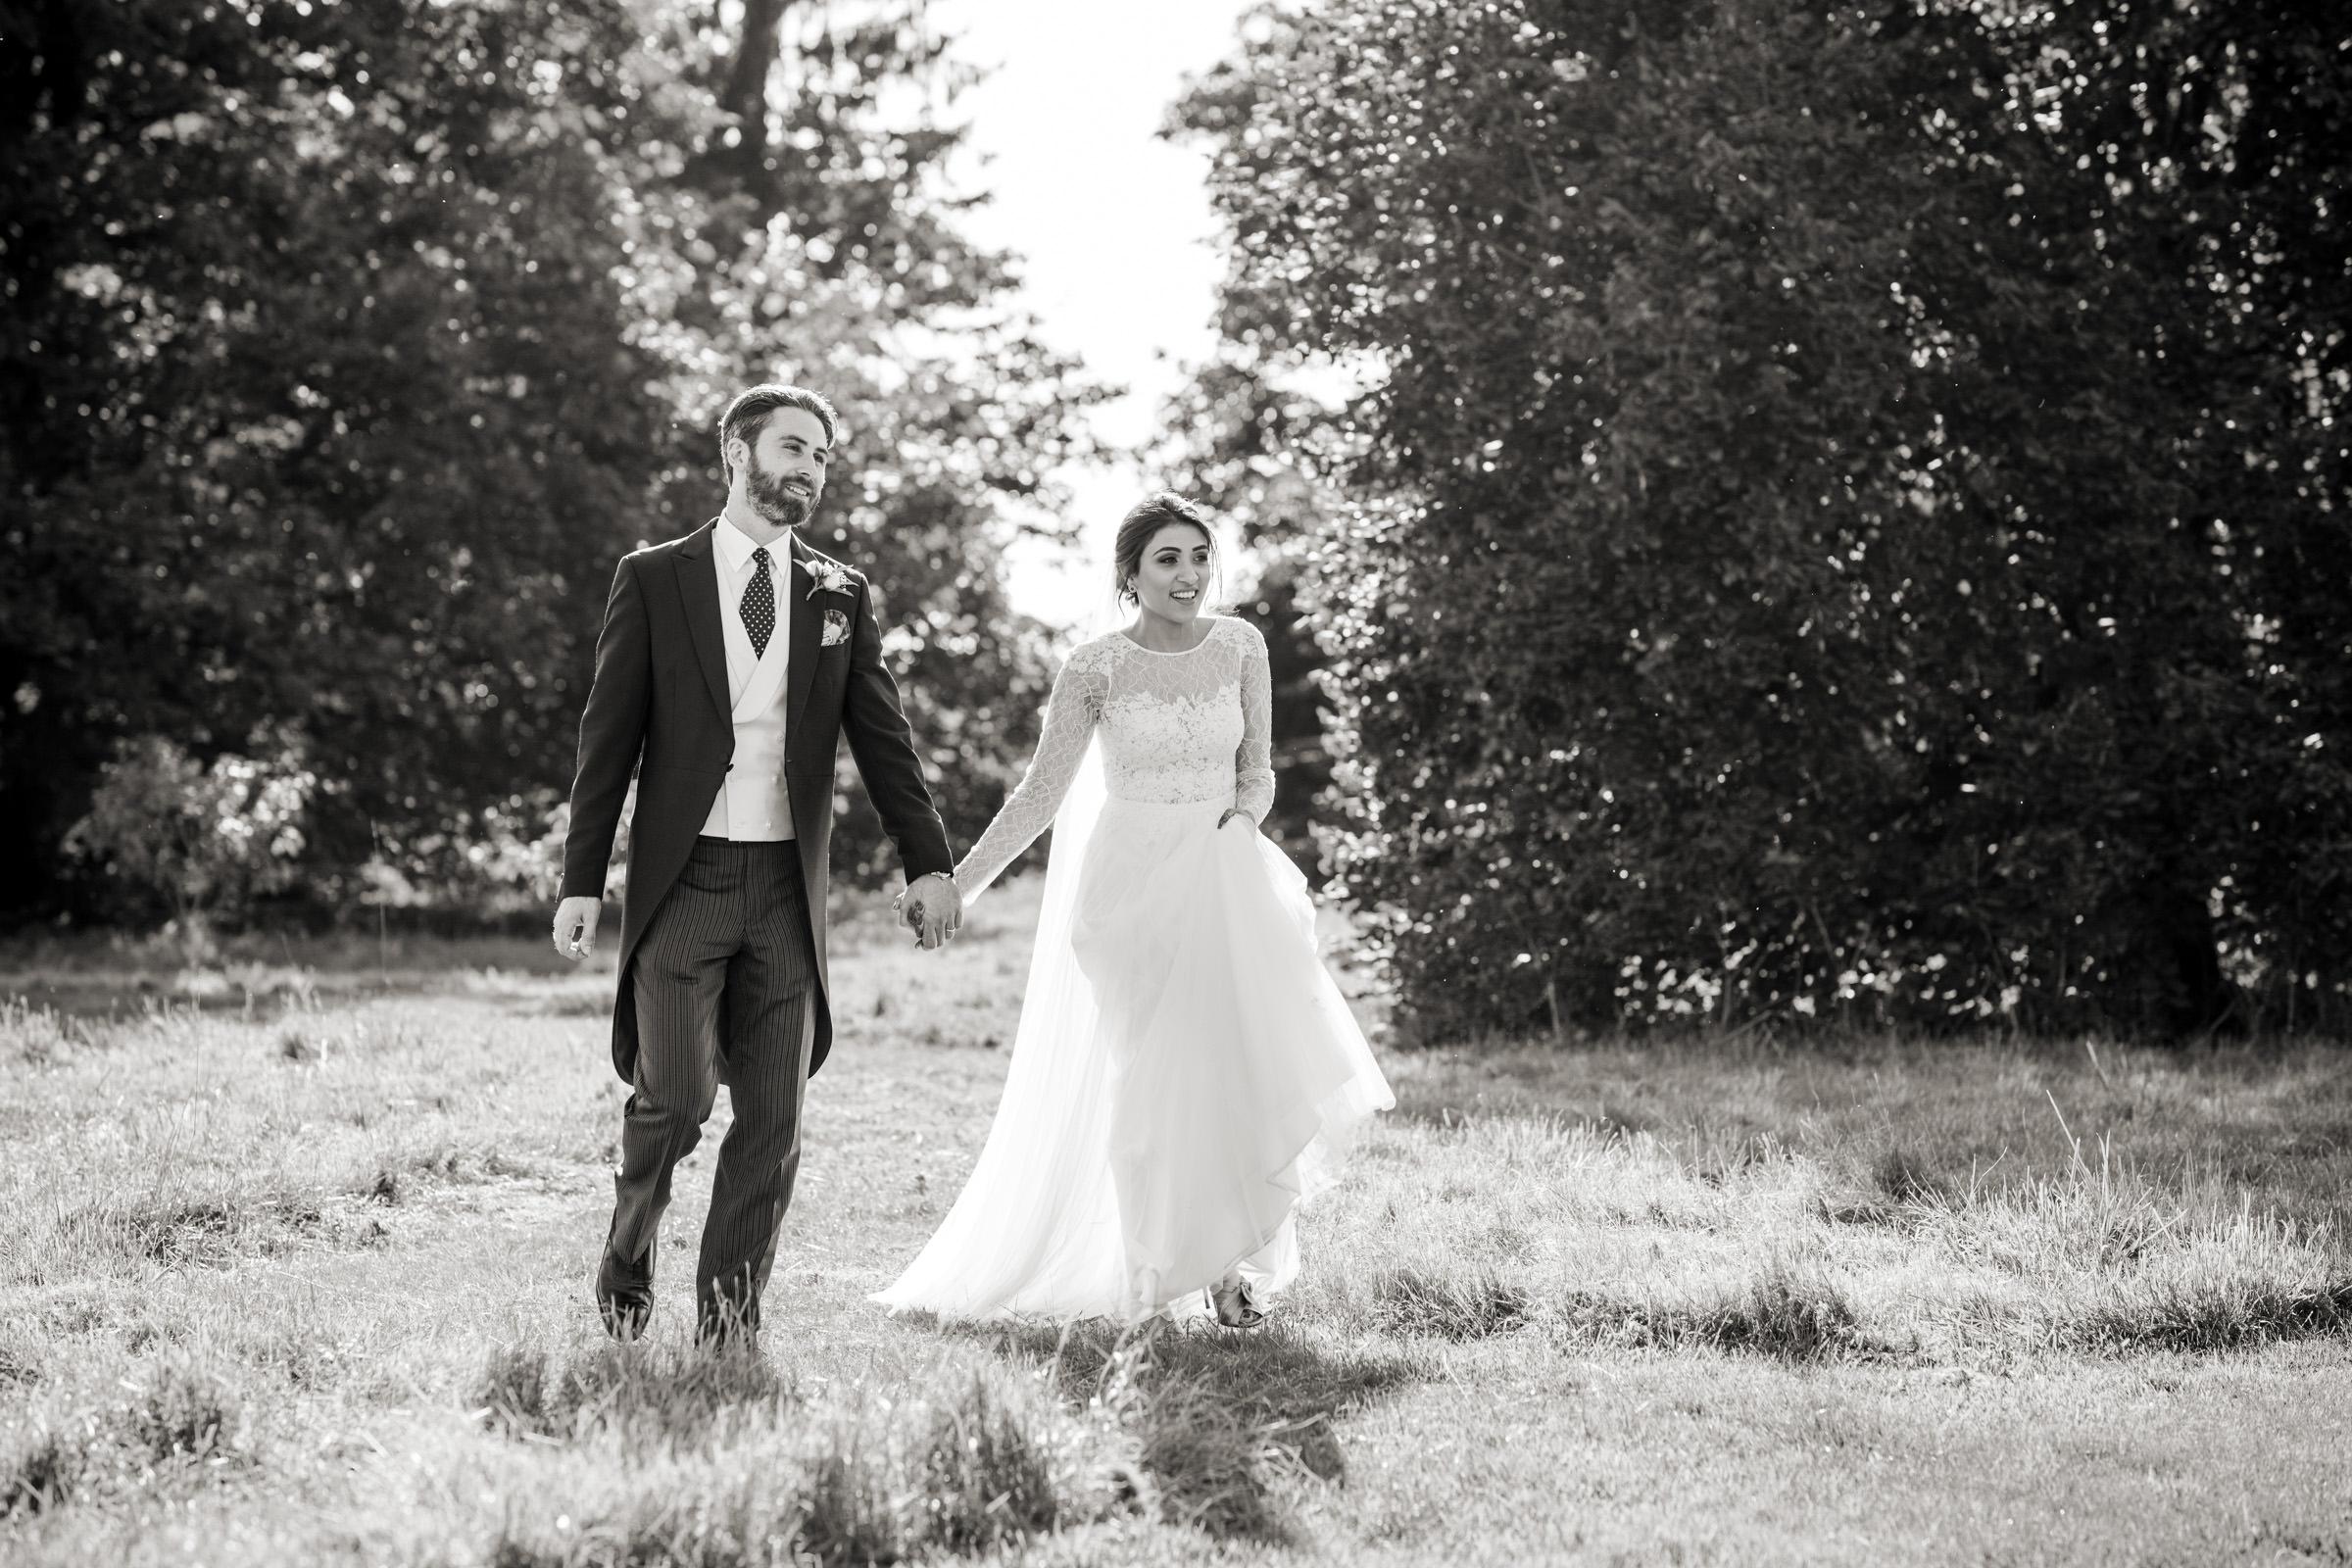 bride and groom wedding photos elmore court